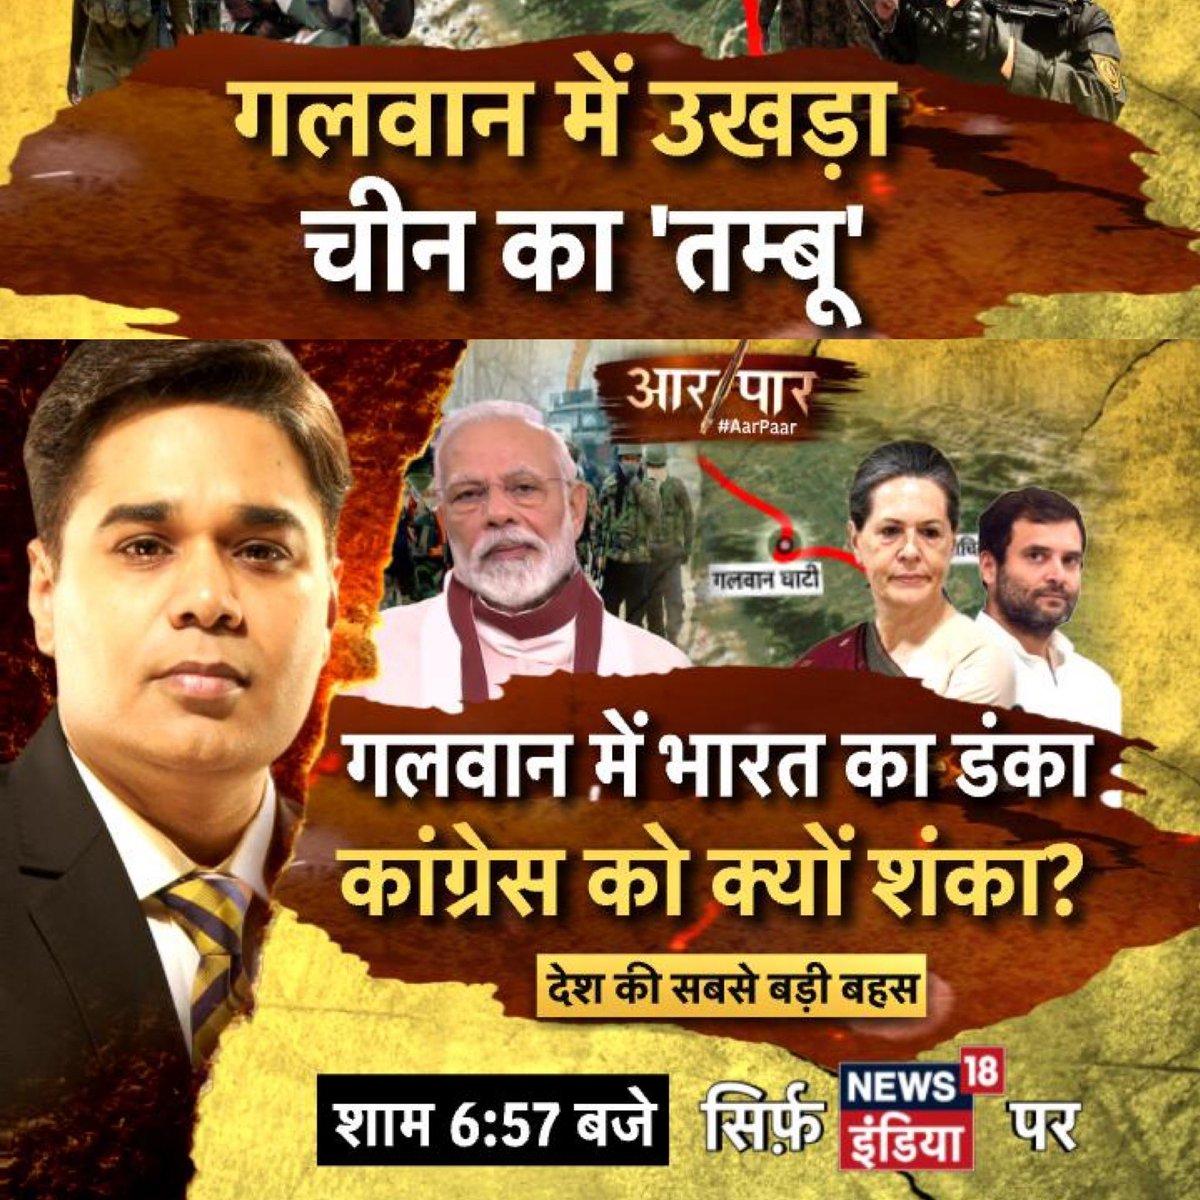 #BiGStory #ChinaBackOff गलवान में उखड़ा चीन का तम्बू गलवान में भारत का डंका कांग्रेस को क्यों शंका? #AarPaar शाम 6.57 बजे